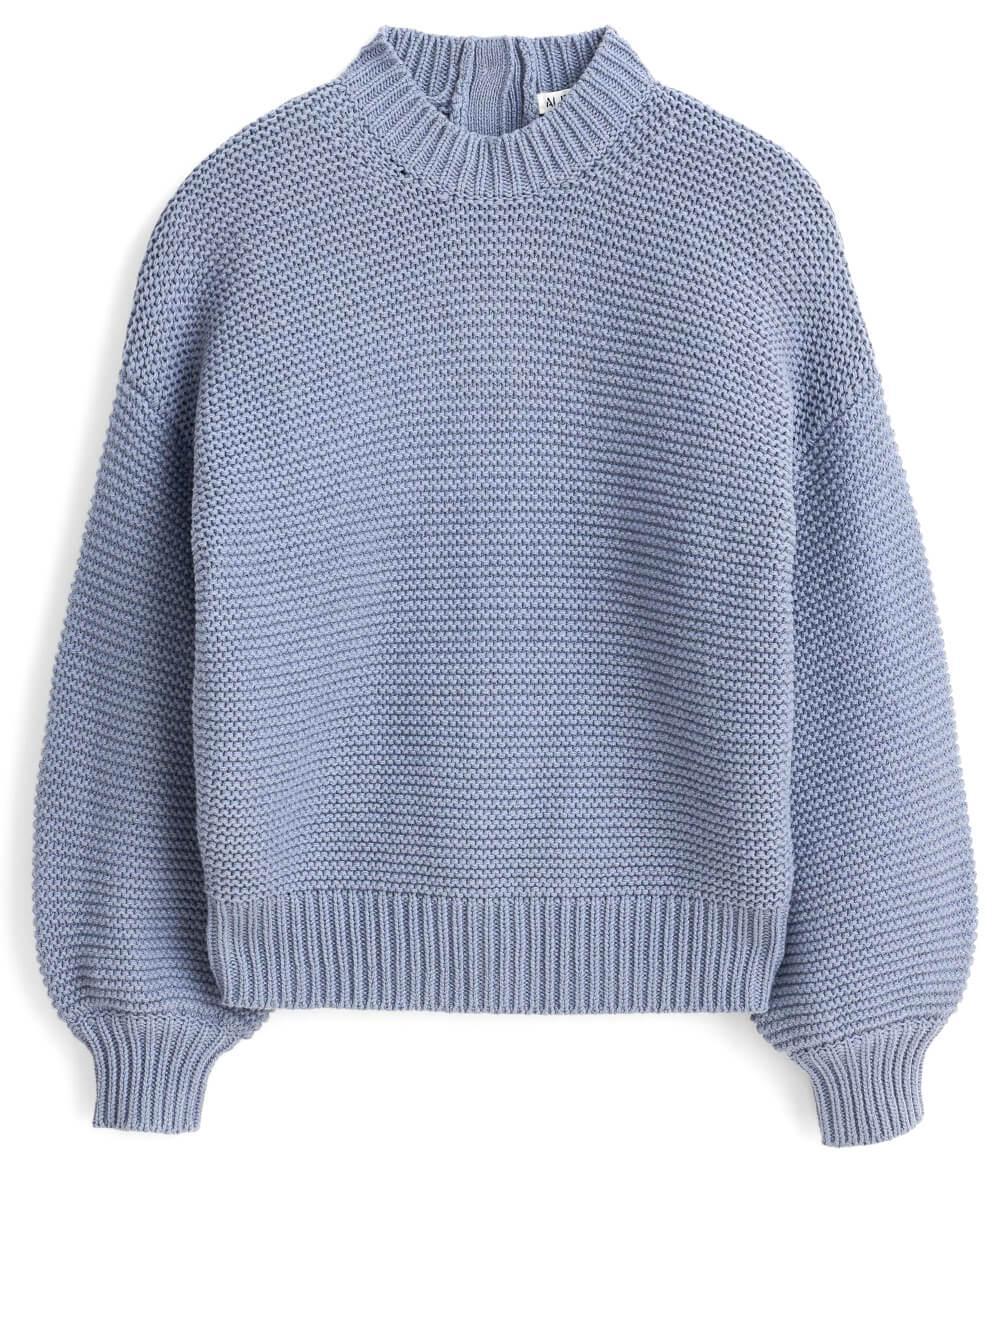 Buttonback Crewneck Sweater Item # C00-WW095-2173